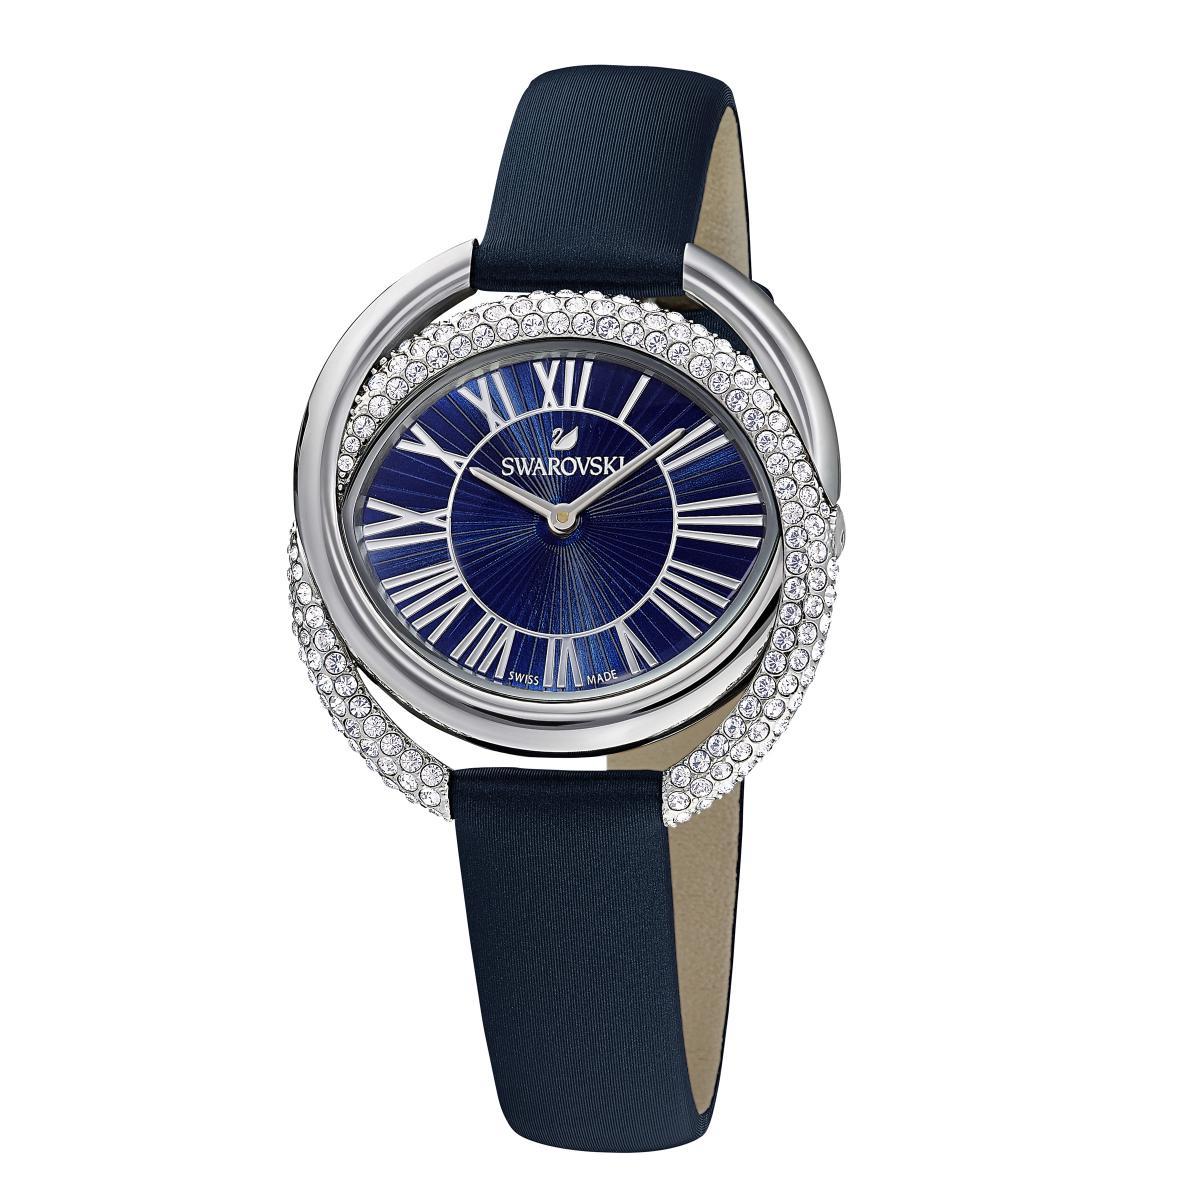 Montre Swarovski 5484376 - DUO Bracelet Cuir De Veau Boîtier Acier Anneaux Entremêlés Cristaux Sertis Micro-Pavé - Swarovski montres - Modalova